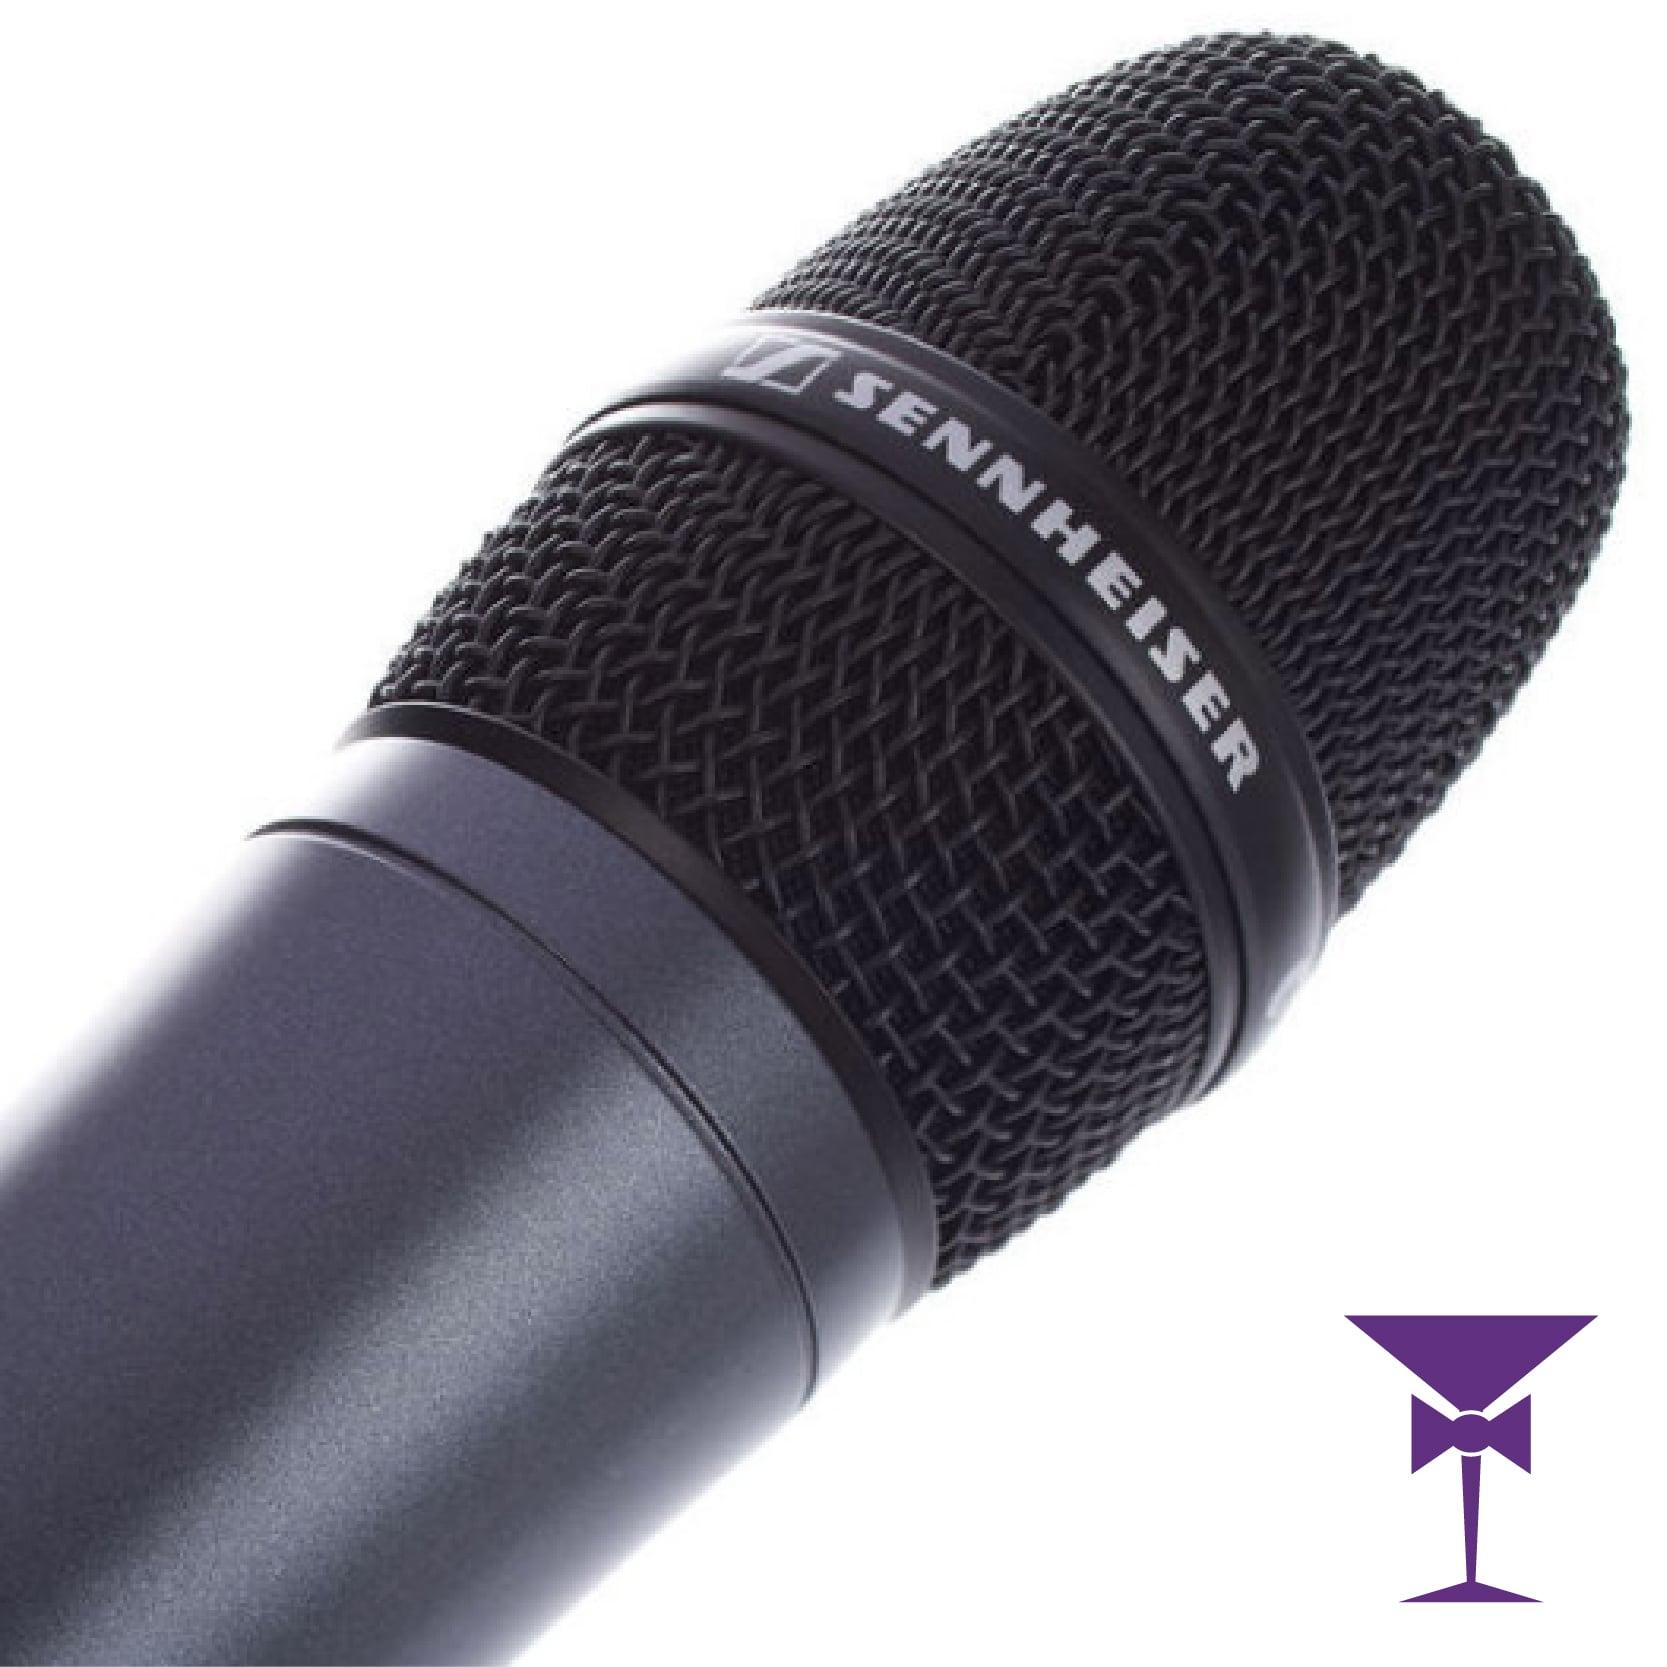 Vocal microphone hire London, Kent, Surrey & Sussex.